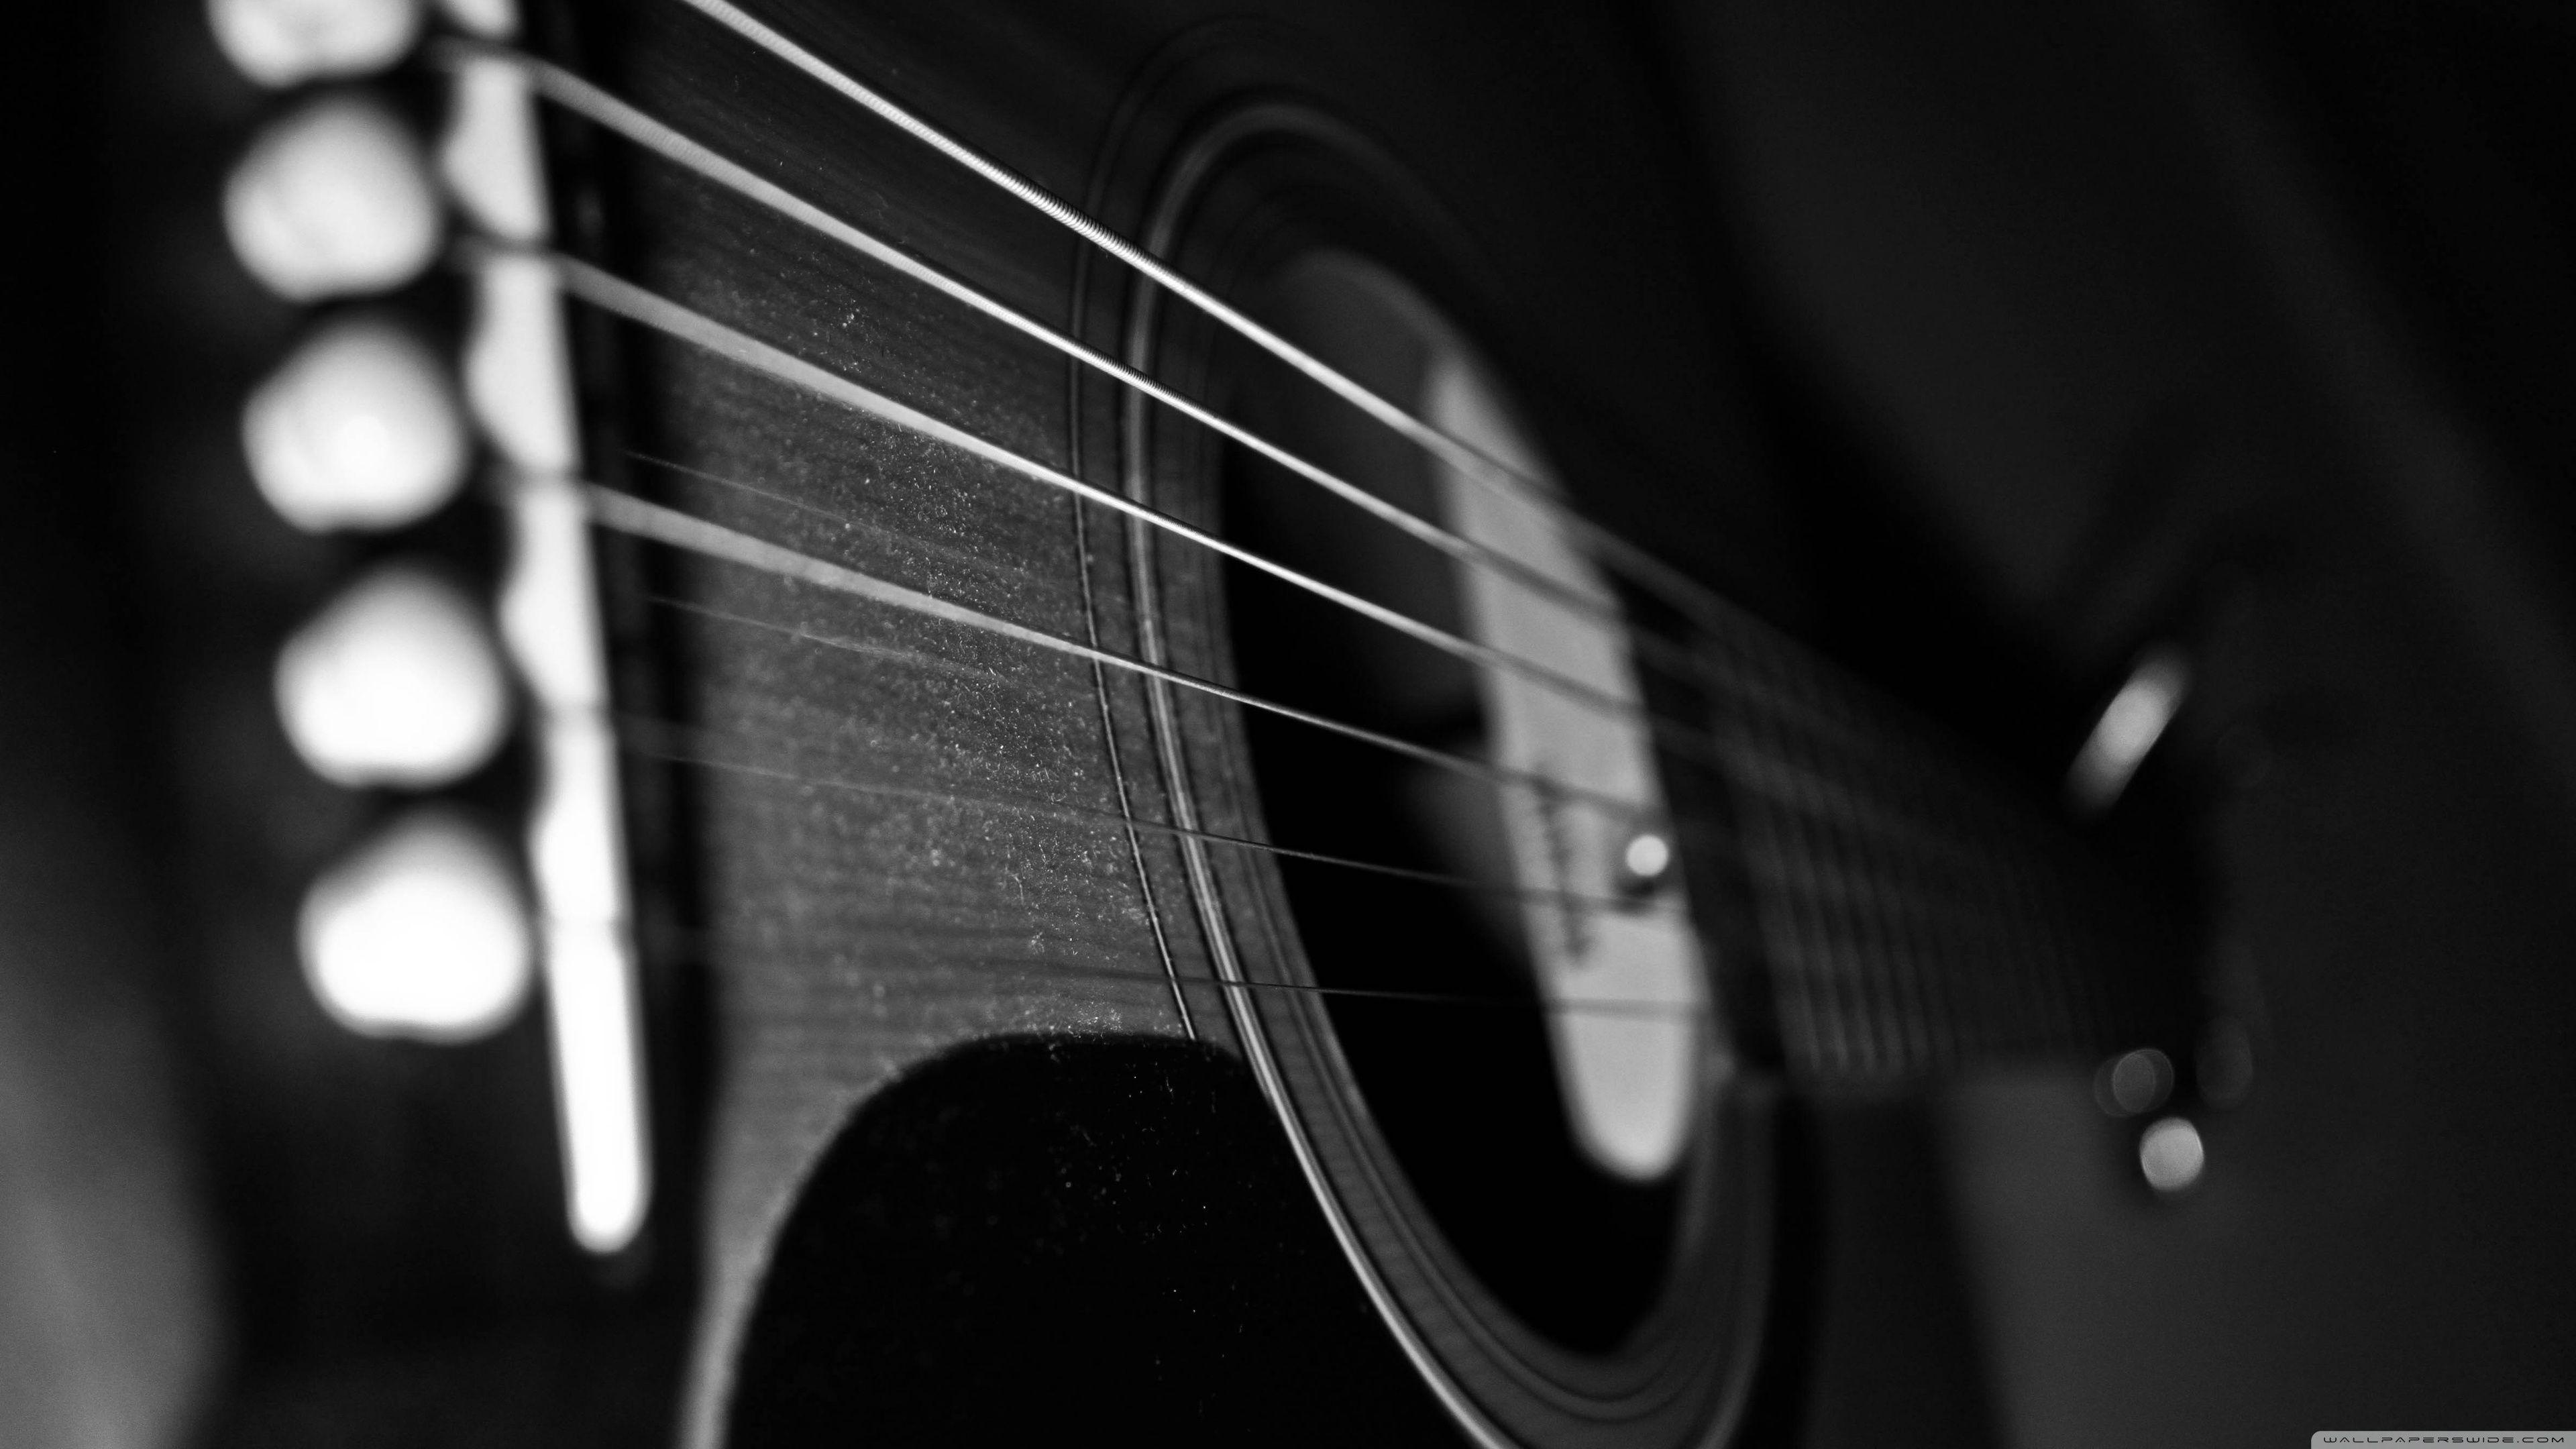 Ultra Hd Wallpapers Deja Cargar Las Imagenes Music Wallpaper Guitar Cool Guitar